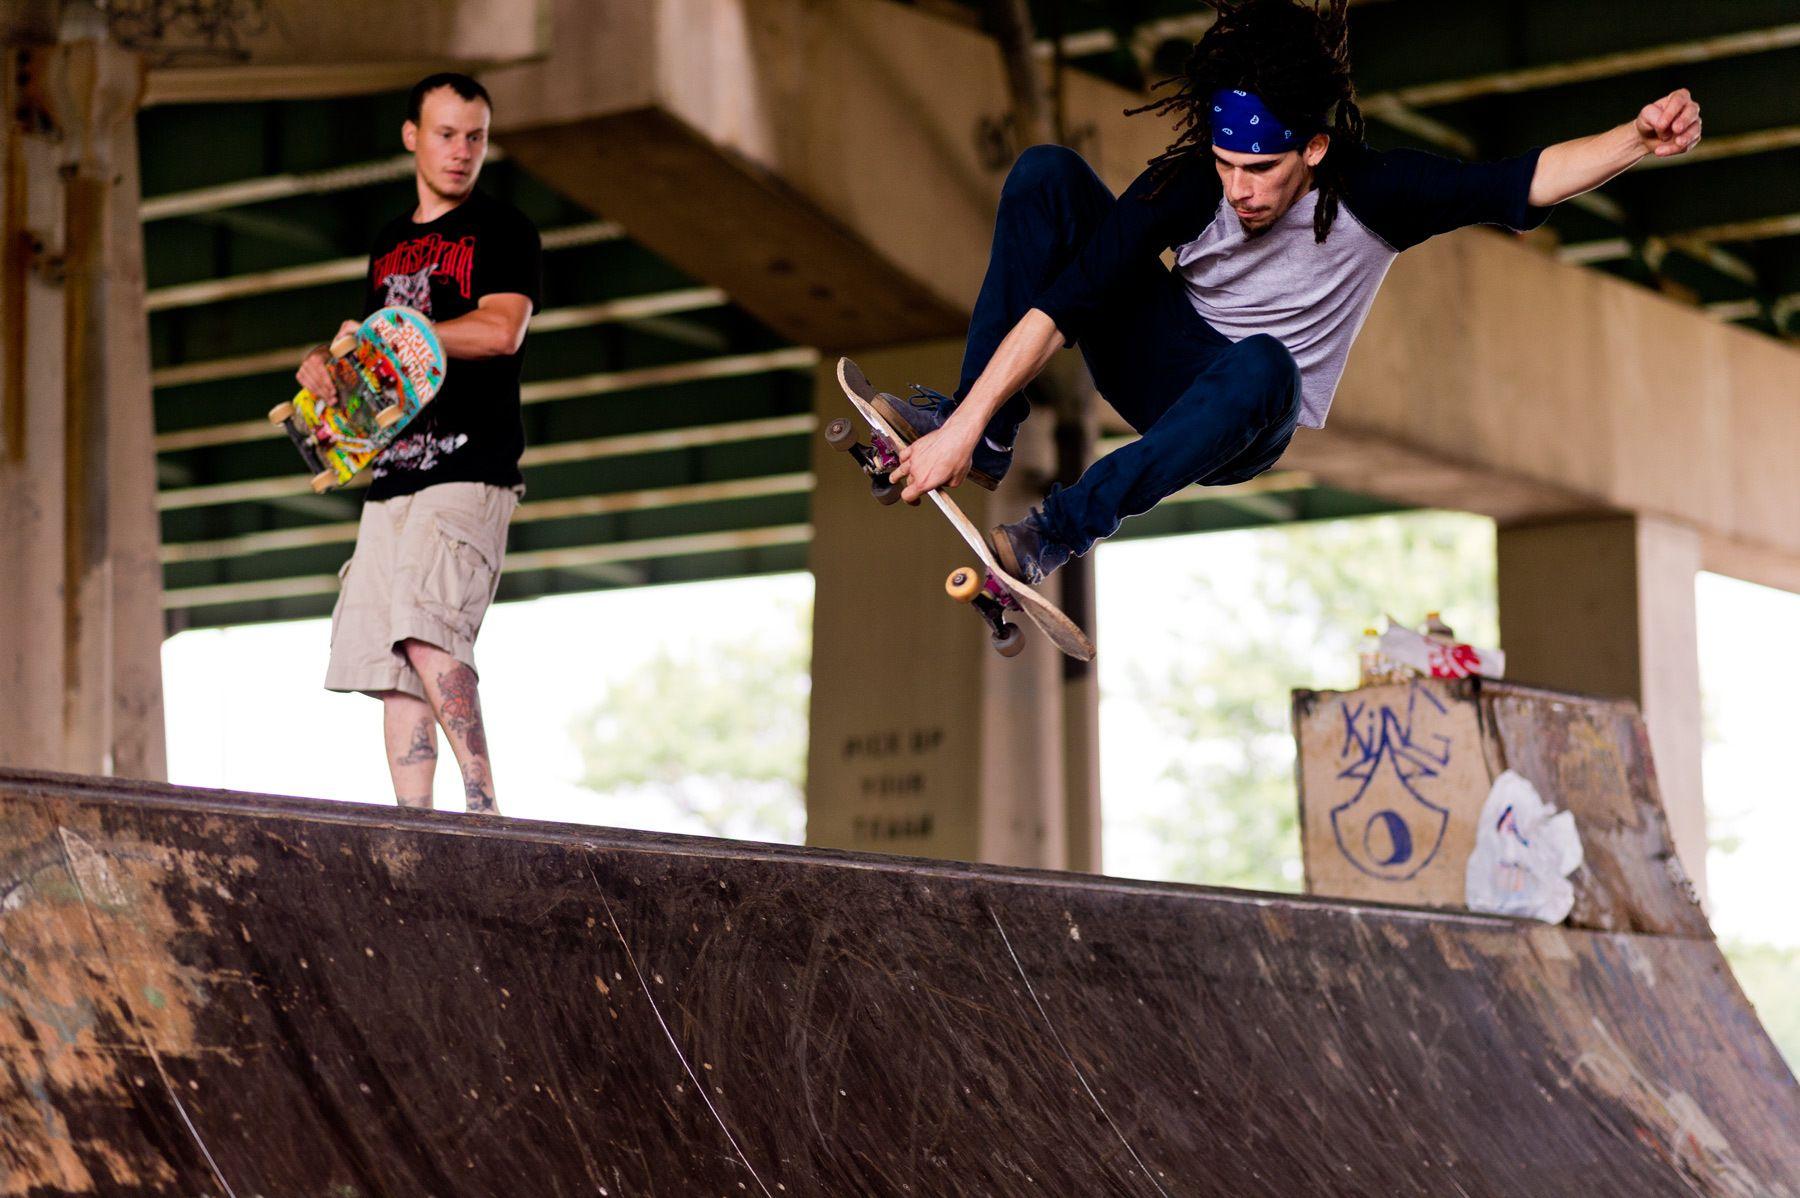 1fdr_skatepark_04_dsc3805